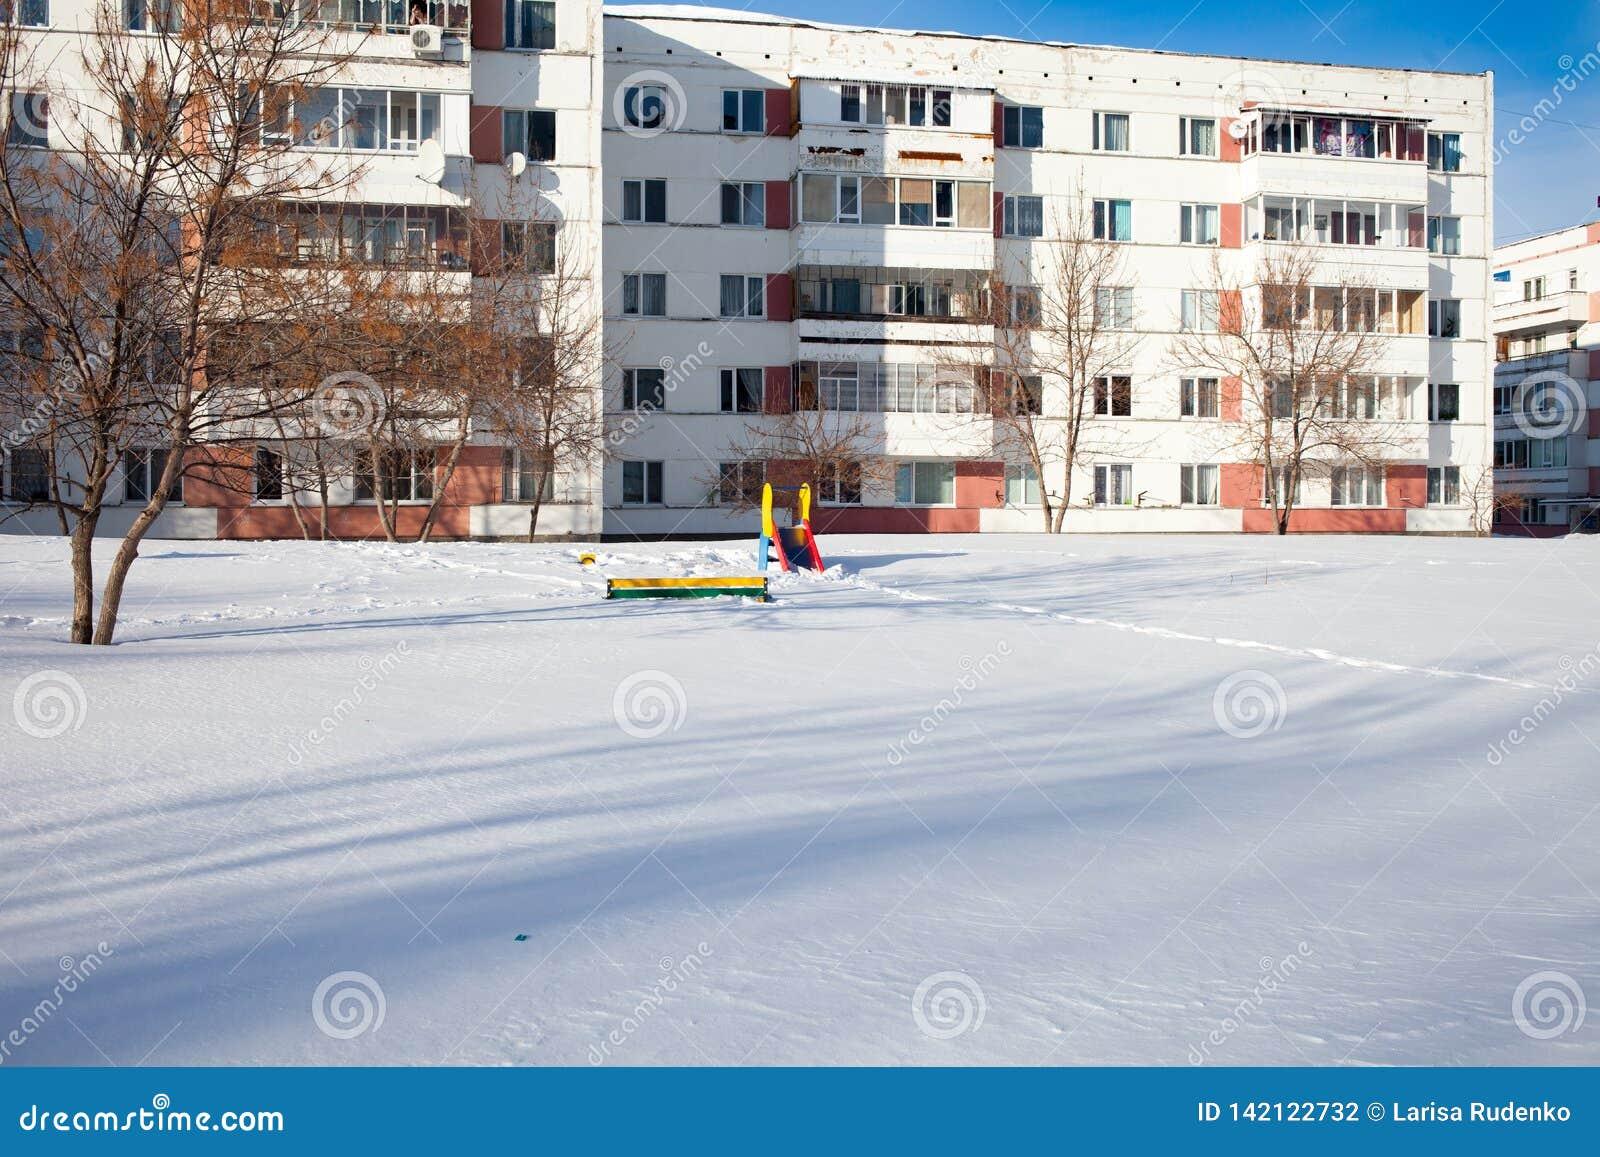 покрытые Снег дети и земли спорт в России Плохая чистка снега Бездействие коммунальных услуг